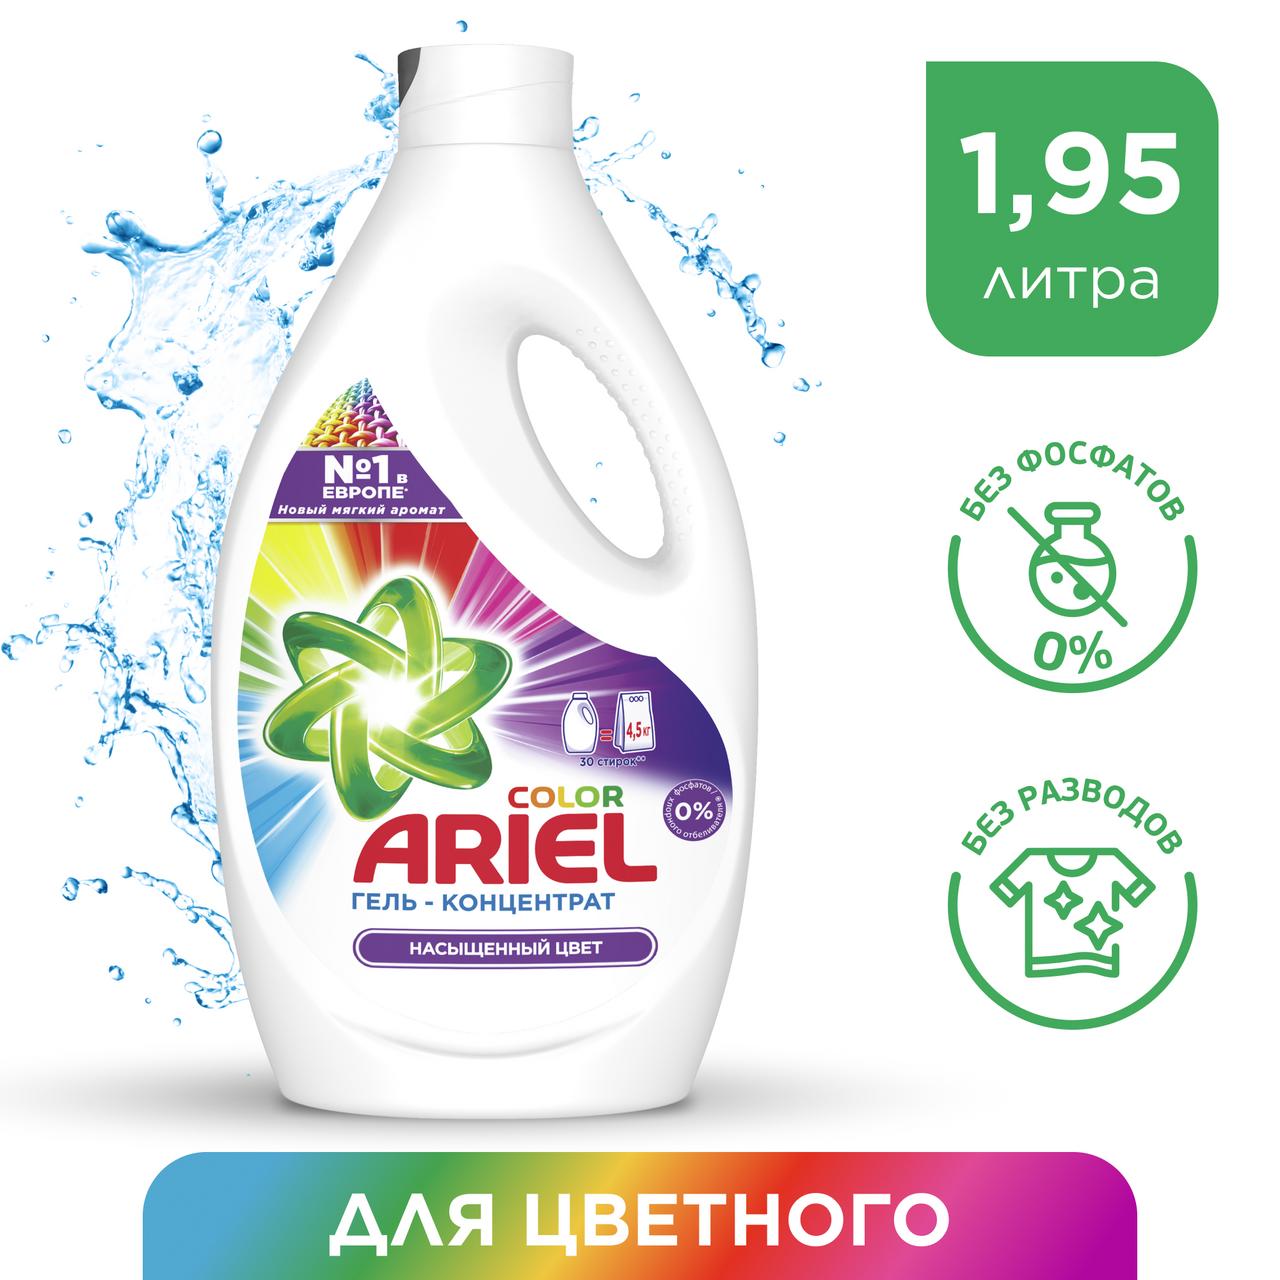 Жидкий стиральный порошок ARIEL Color, 1,95 л